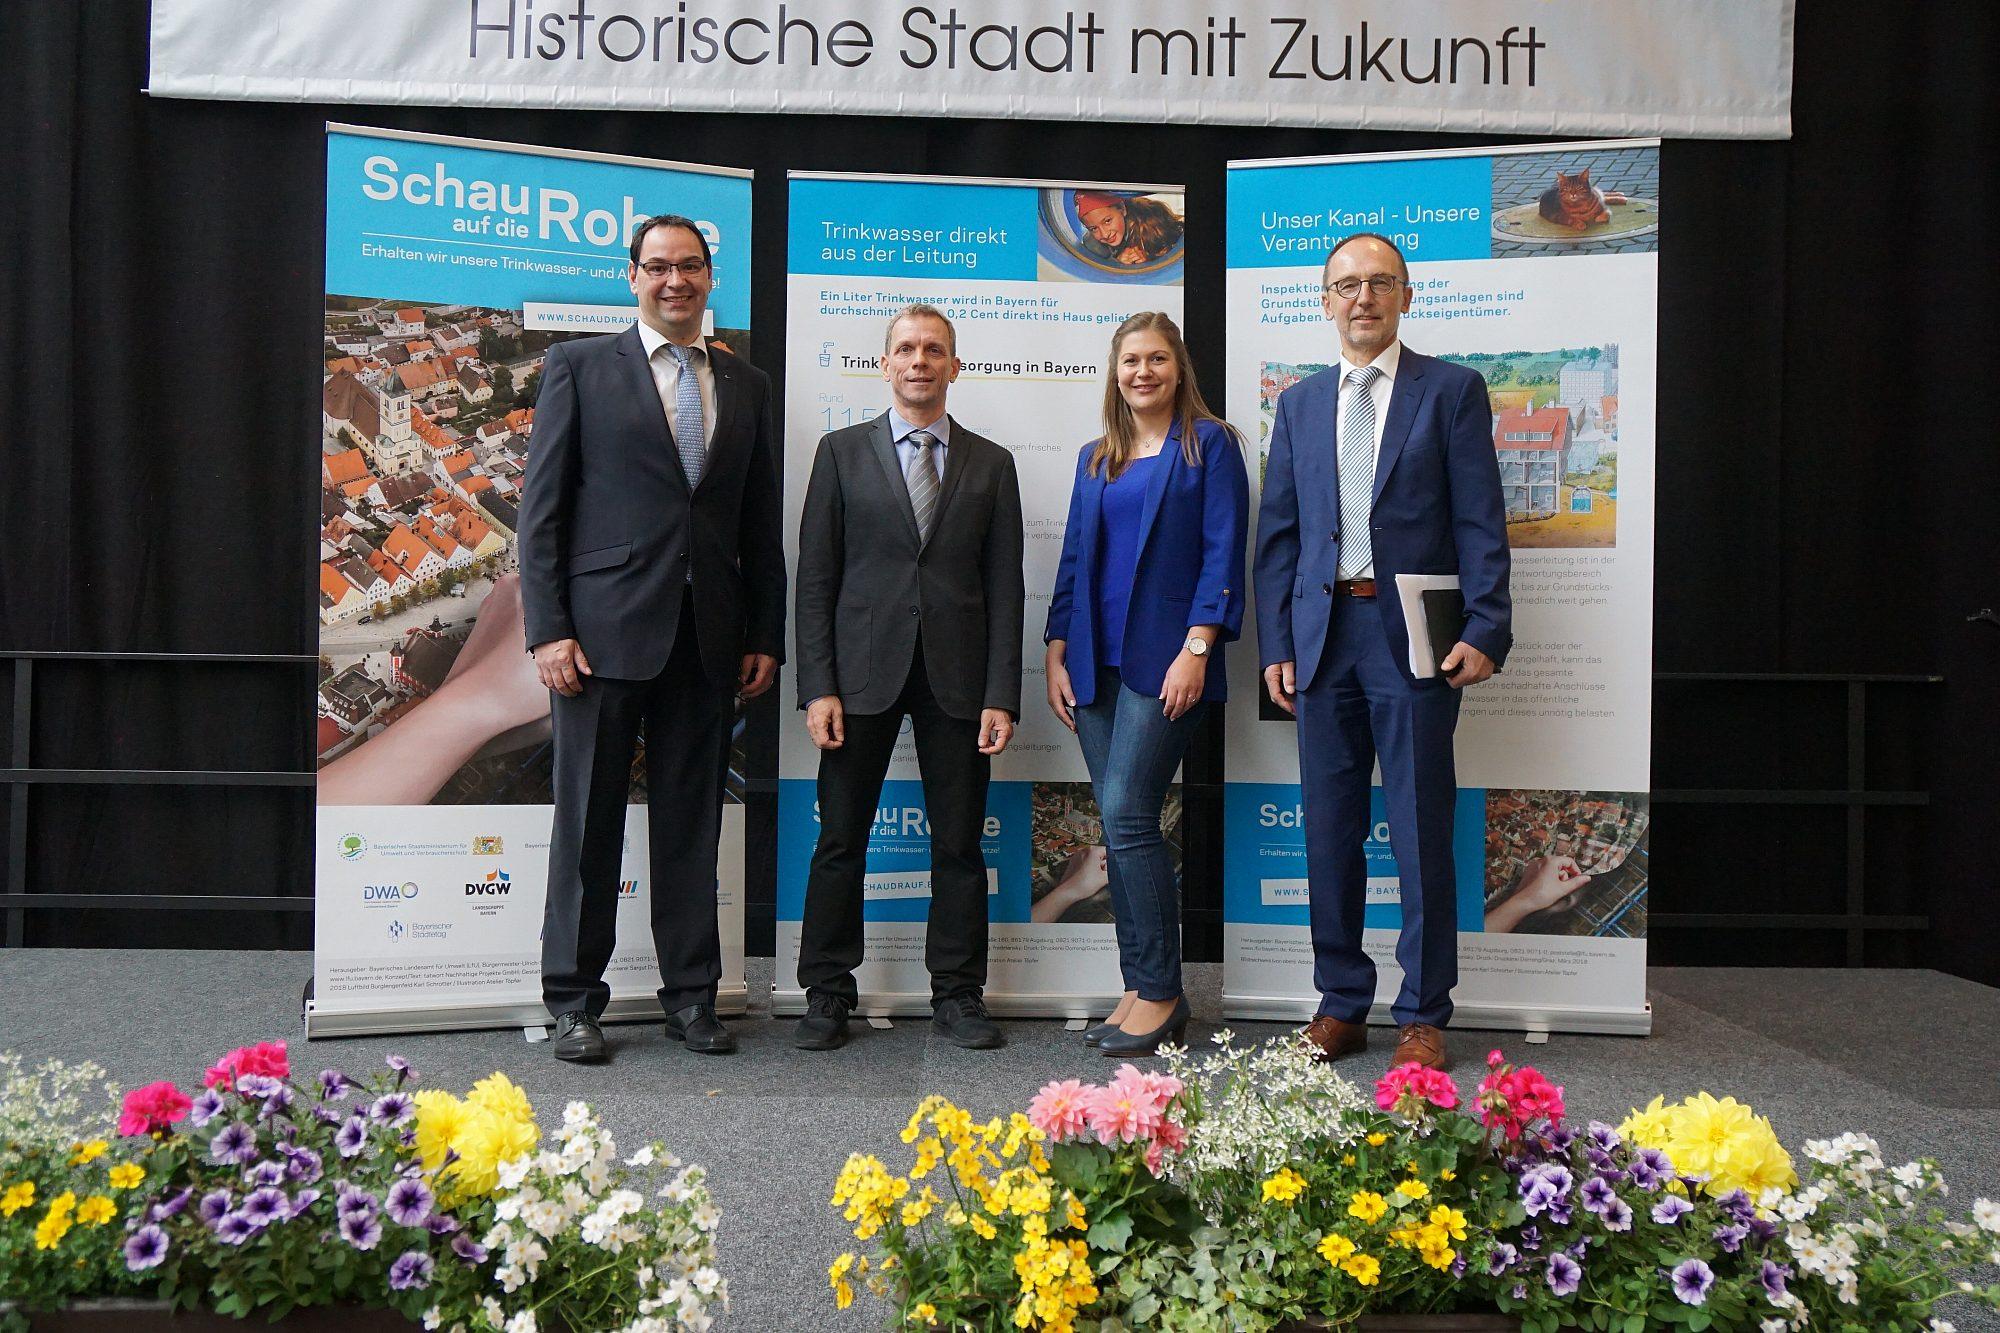 Pressefoto Burglengenfeld C Schau Auf Die Rohre